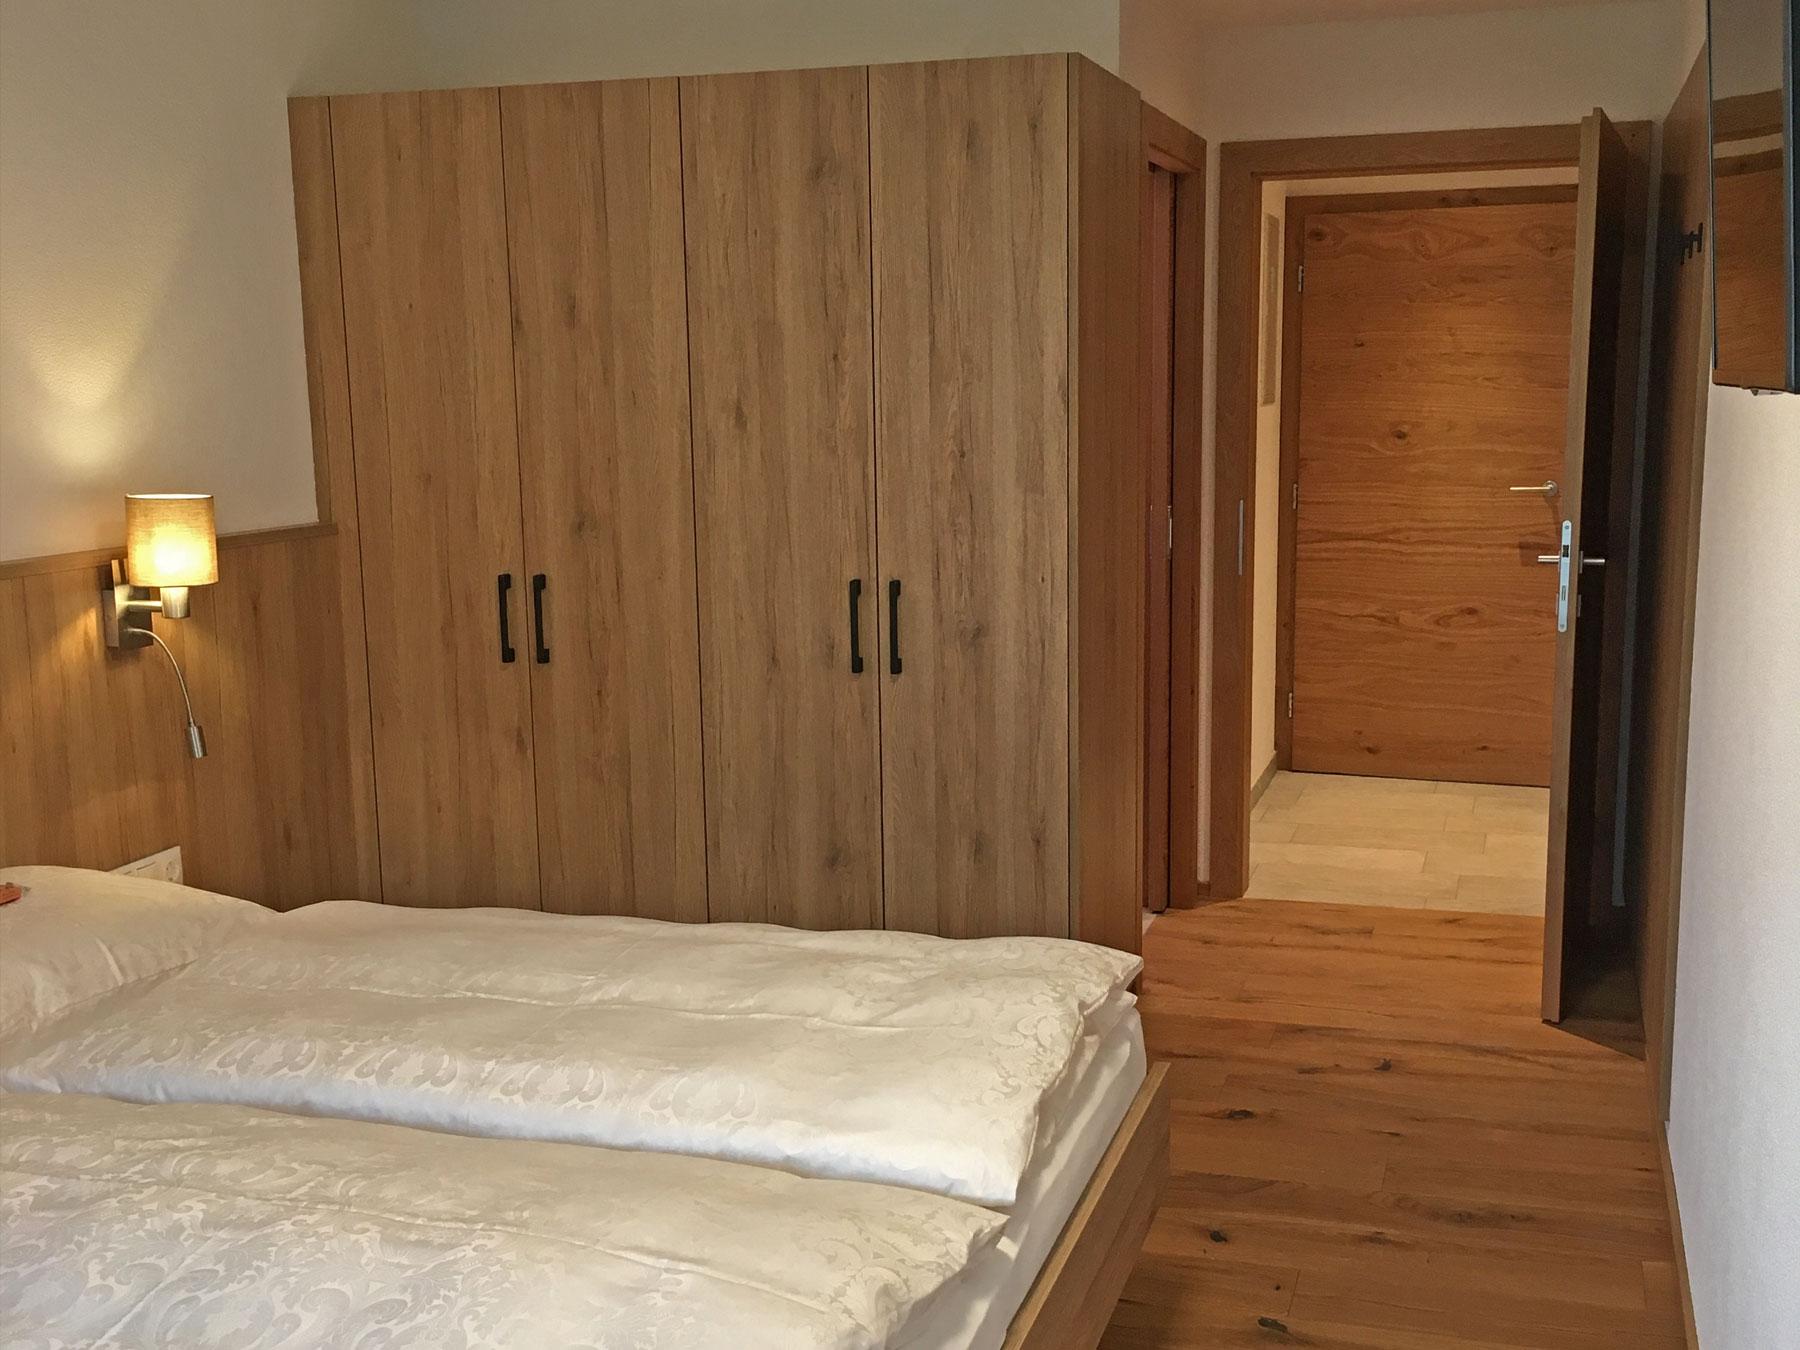 Haus-Tirol-Schlafen1